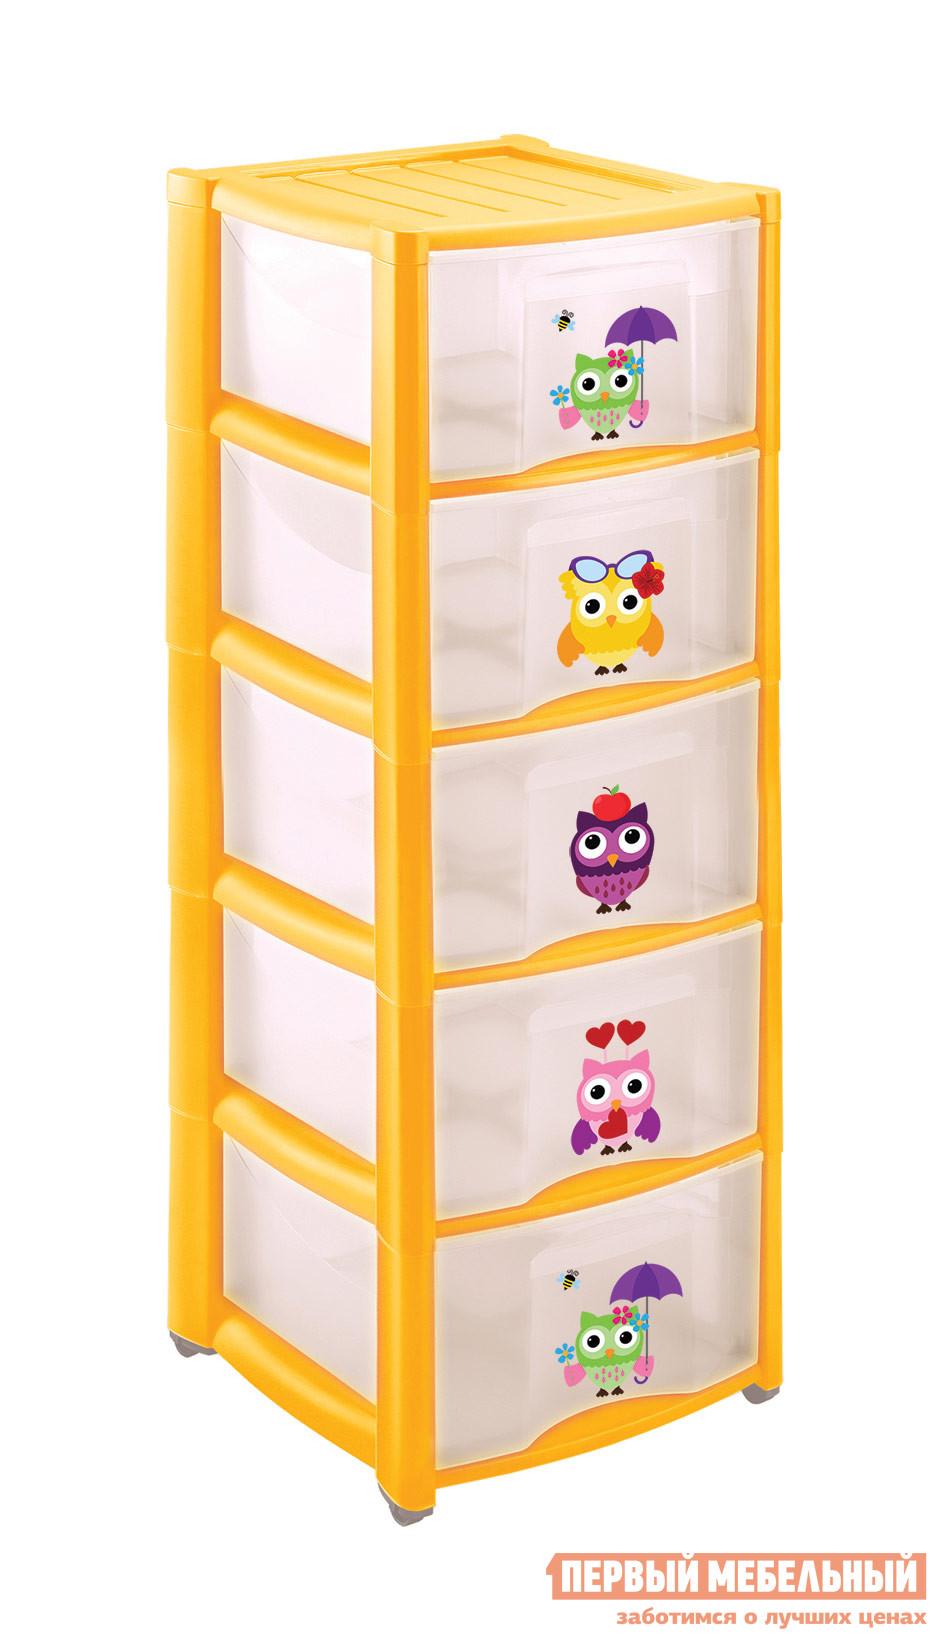 Комод детский Пластишка 4313429 ЖелтыйДетские комоды<br>Габаритные размеры ВхШхГ 970x390x370 мм. Практичный пластиковый комод с пятью ящиками.  Фасады декорированы яркими рисунками и сюжетами, которые понравятся как детям, так и их родителям.  Глубокие ящики вместят в себя и вещи ребенка, и многочисленные игрушки.  Комод можно использовать во время игр и научить малыша самому наводить порядок в своих вещах.  Изделие дополнено колесиками для легкого перемещения в пространстве. Изделие производится из полипропилена.<br><br>Цвет: Желтый<br>Цвет: Желтый<br>Высота мм: 970<br>Ширина мм: 390<br>Глубина мм: 370<br>Кол-во упаковок: 1<br>Форма поставки: В разобранном виде<br>Срок гарантии: 1 год<br>Назначение: Для игрушек<br>Материал: Пластиковые<br>Размер: Узкие<br>Особенности: С ящиками, На колесиках, с 5-ю ящиками, С рисунком